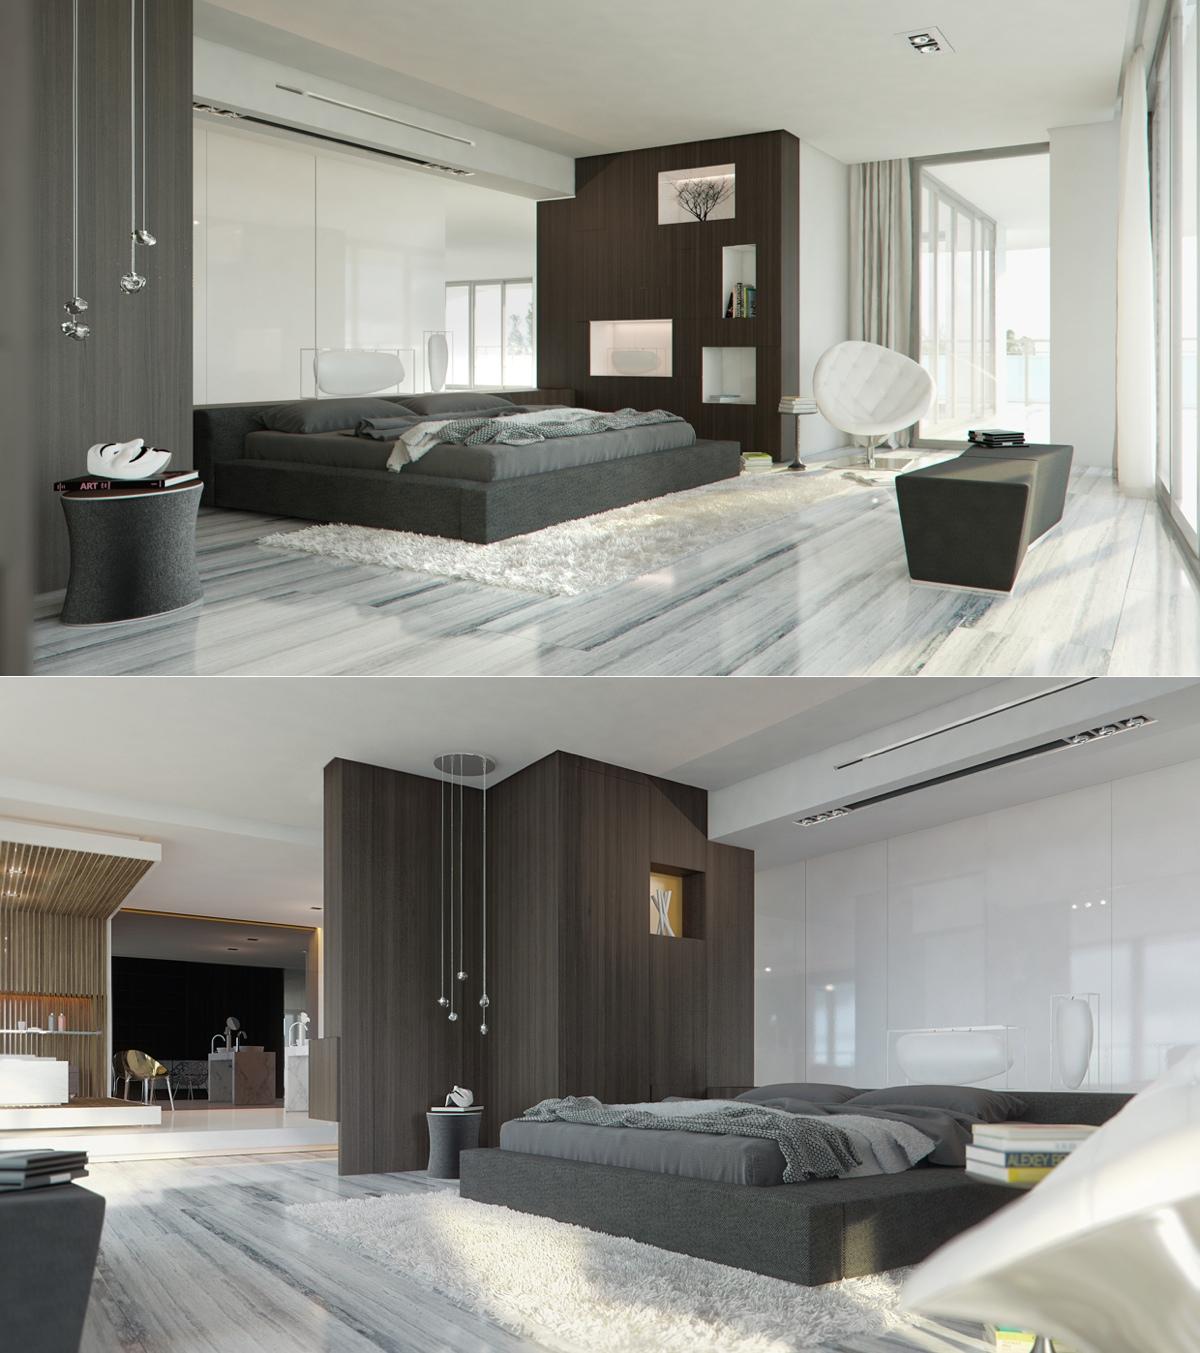 elagnt gray bedroom decor